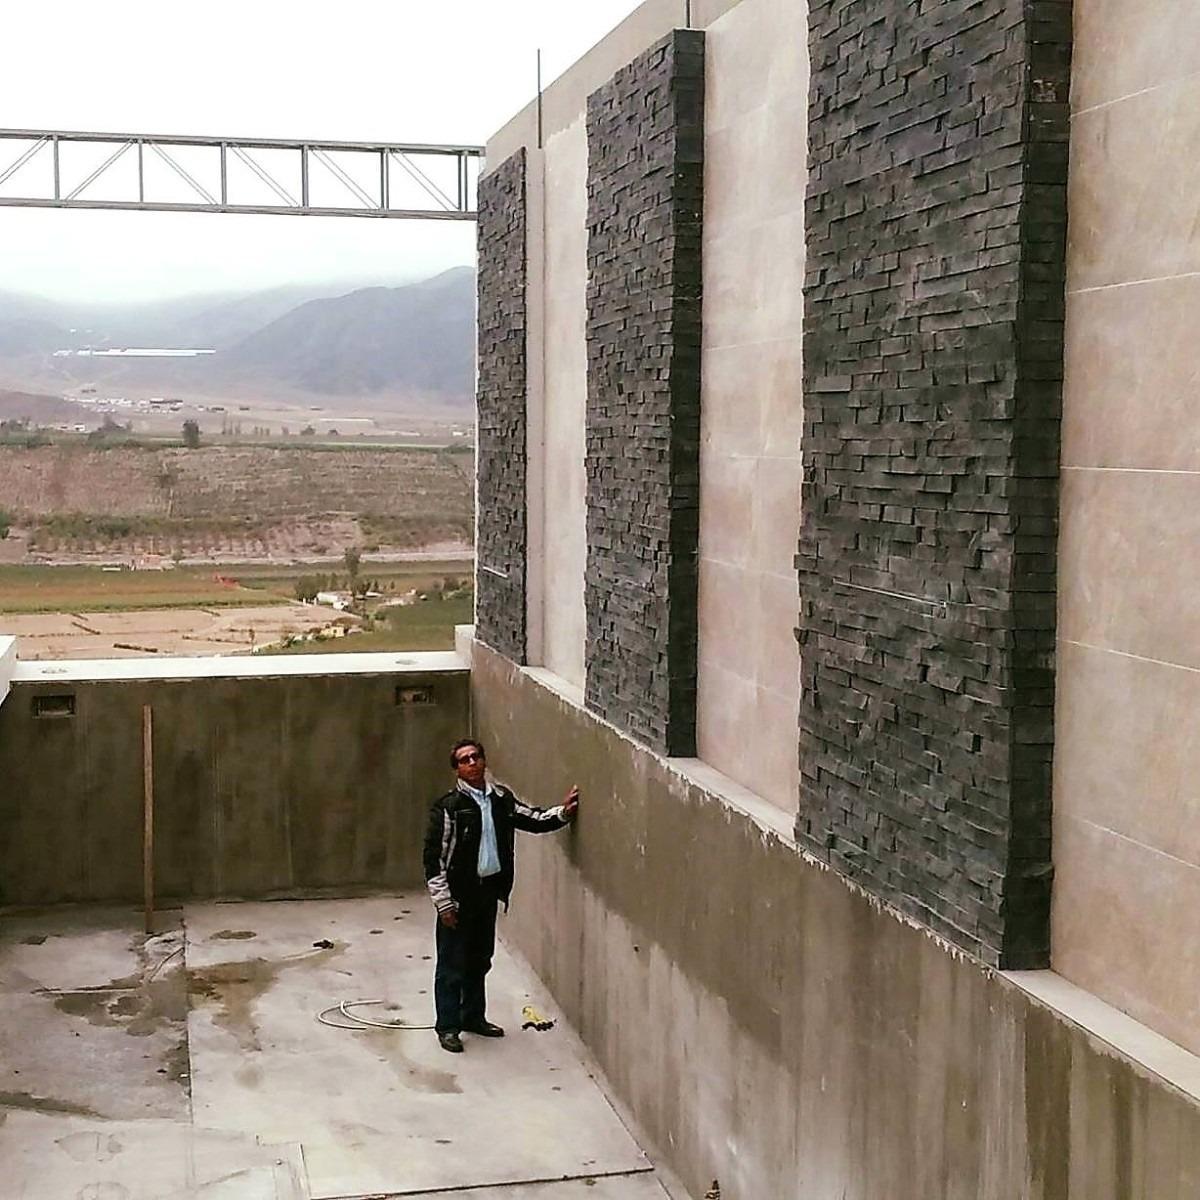 Mestro de obra, construccion, acabados, drywall y mas